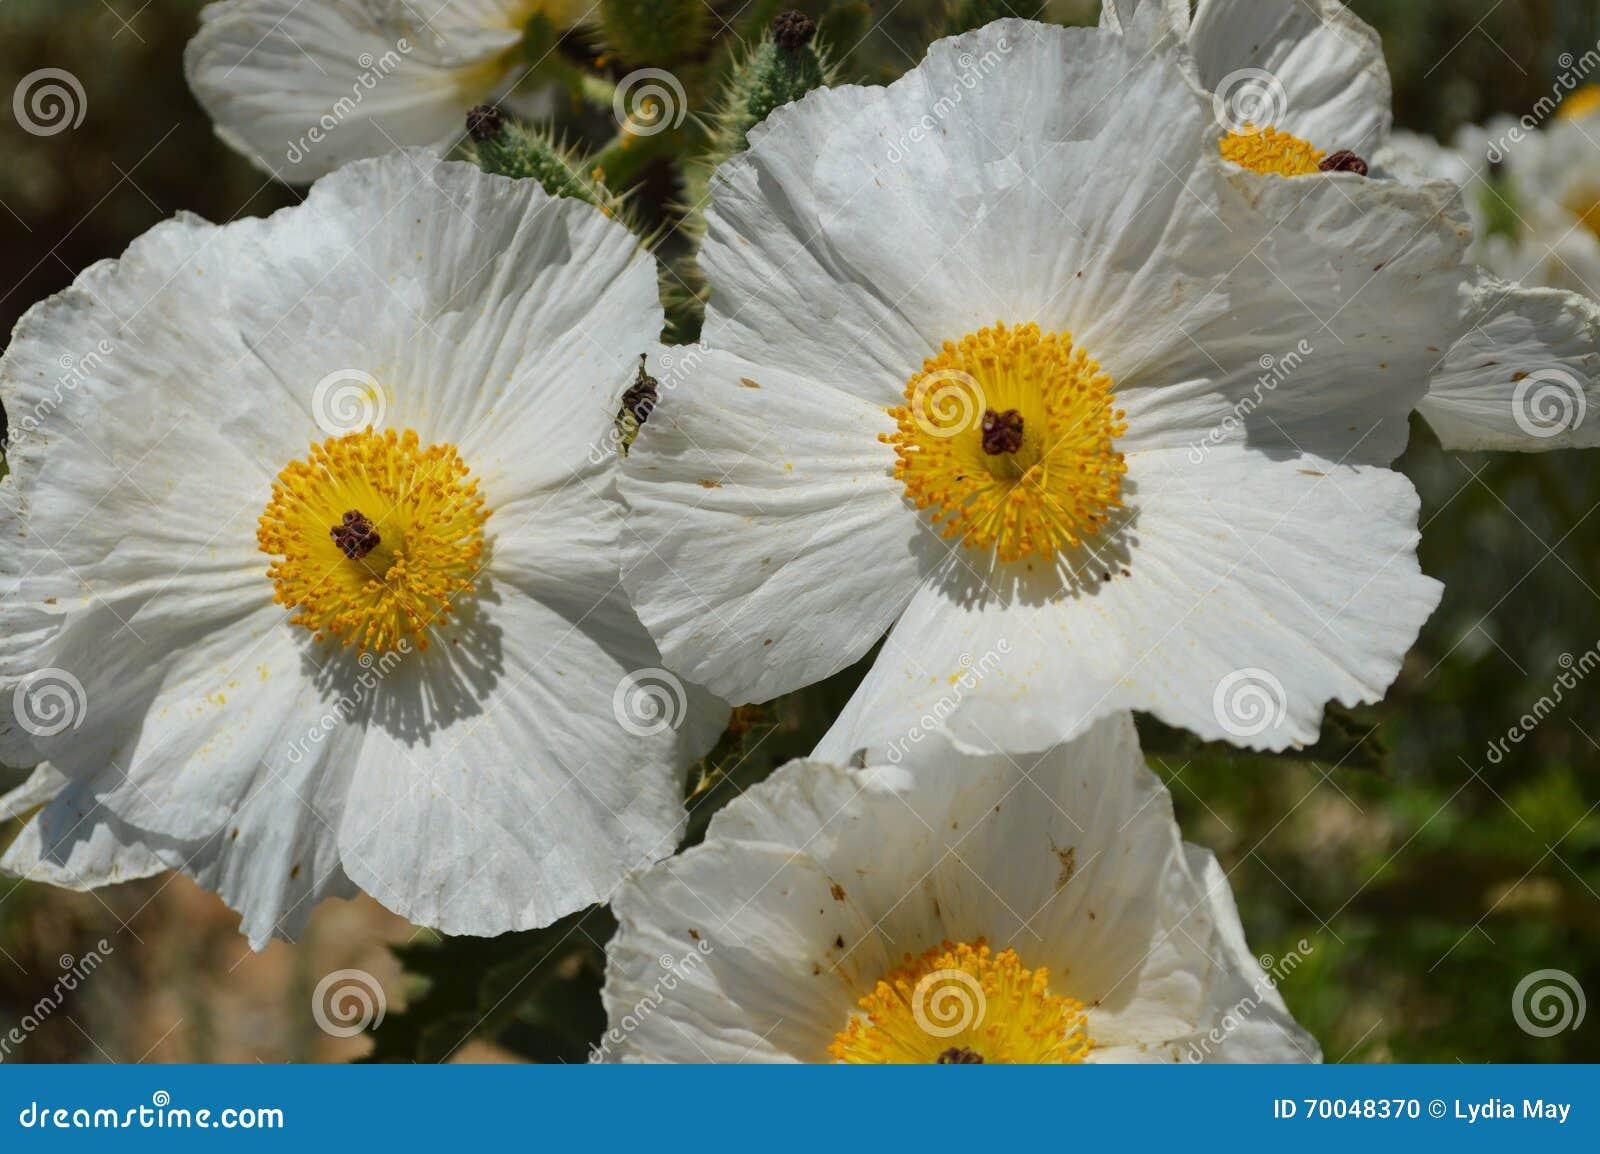 Desert Flowers Prickly Poppy Stock Photo Image Of Blossom